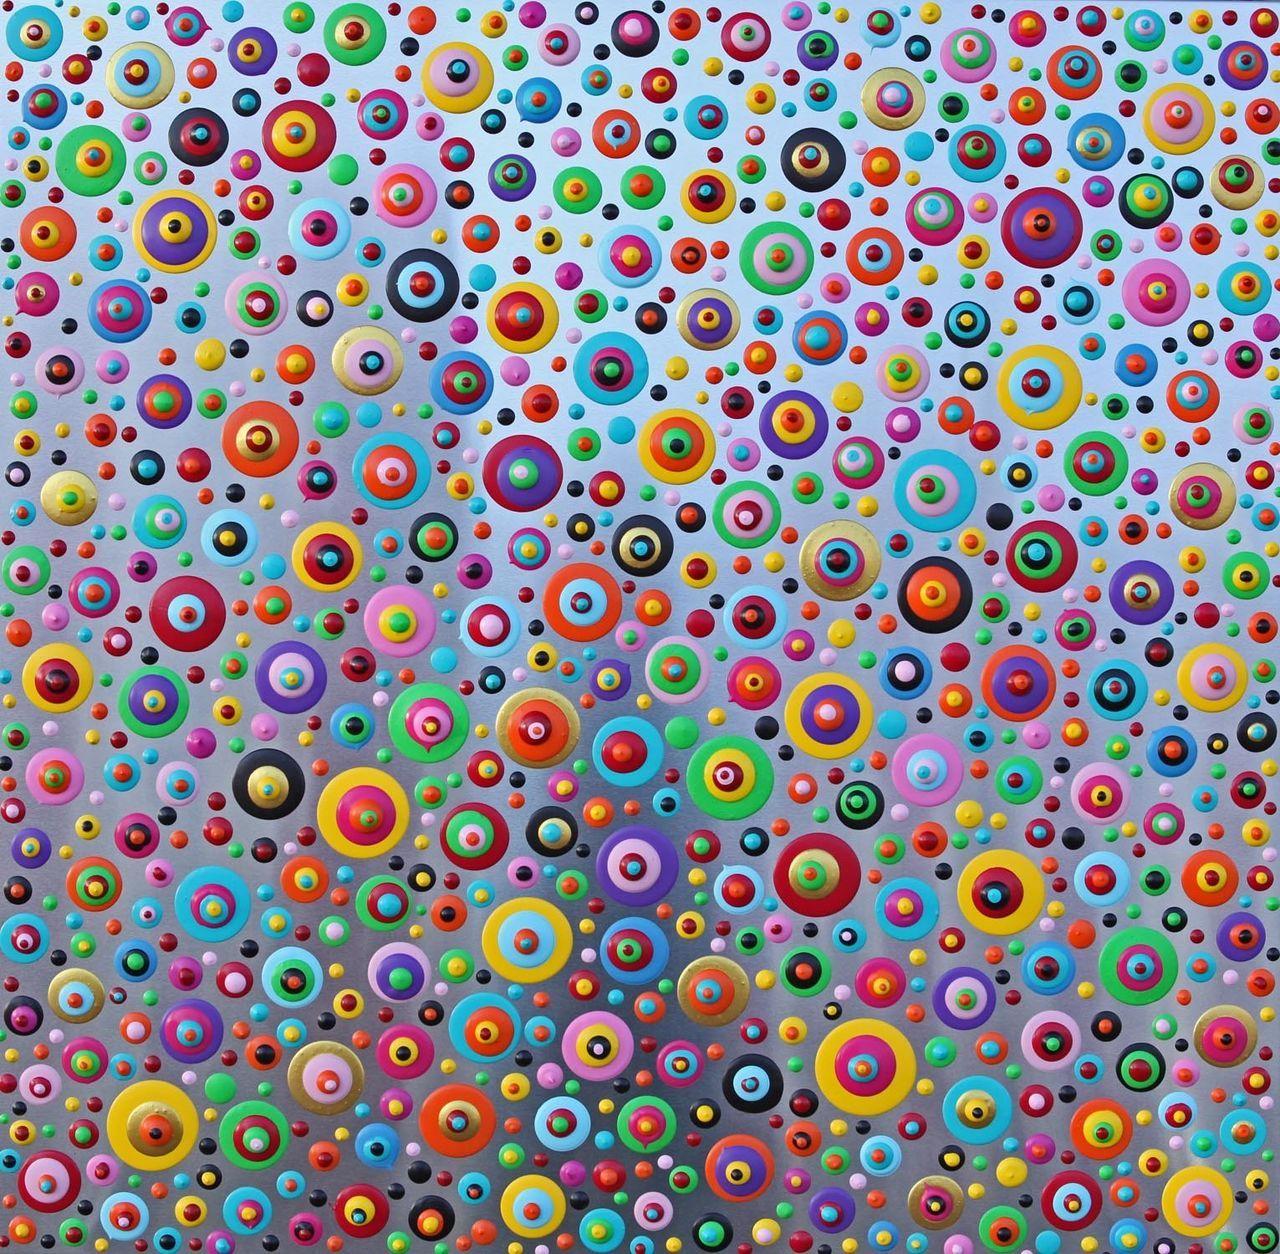 Abstraktes bild artwork pinterest malerei acryl und abstrakt - Abstrakte bilder leinwand ...